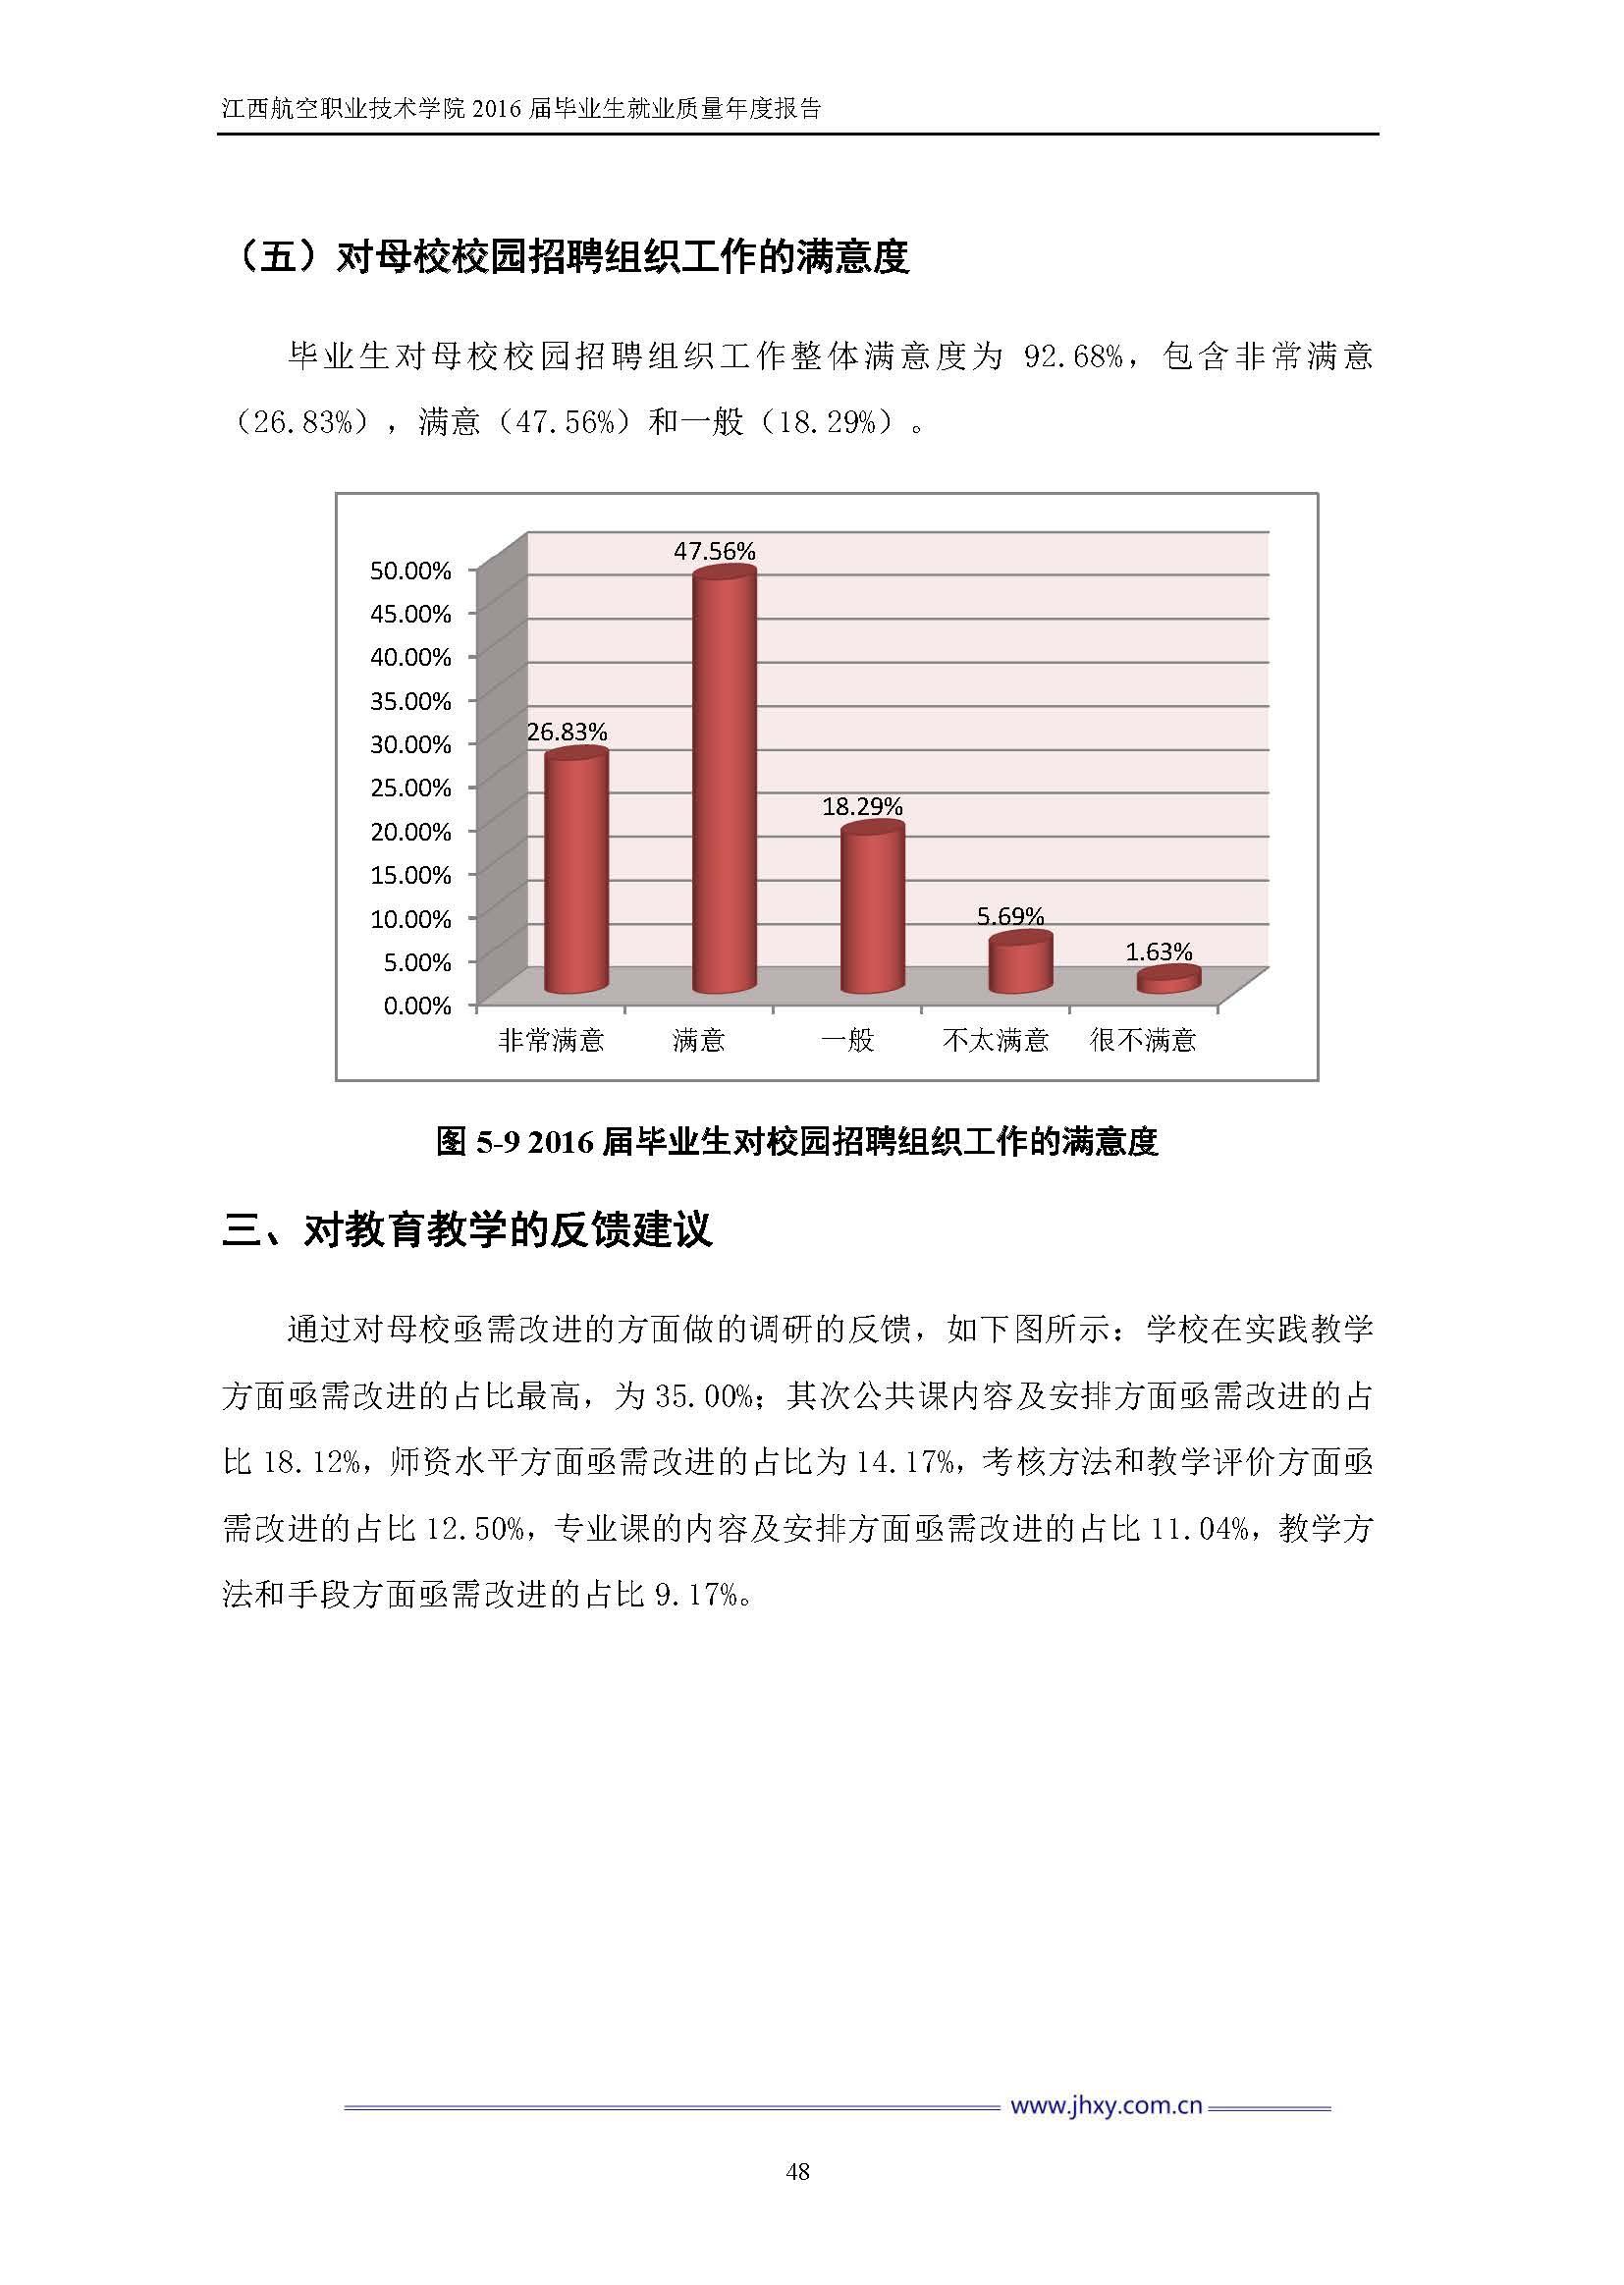 江西航空职业技术学院2016届毕业生就业质量年度报告_Page_55.jpg